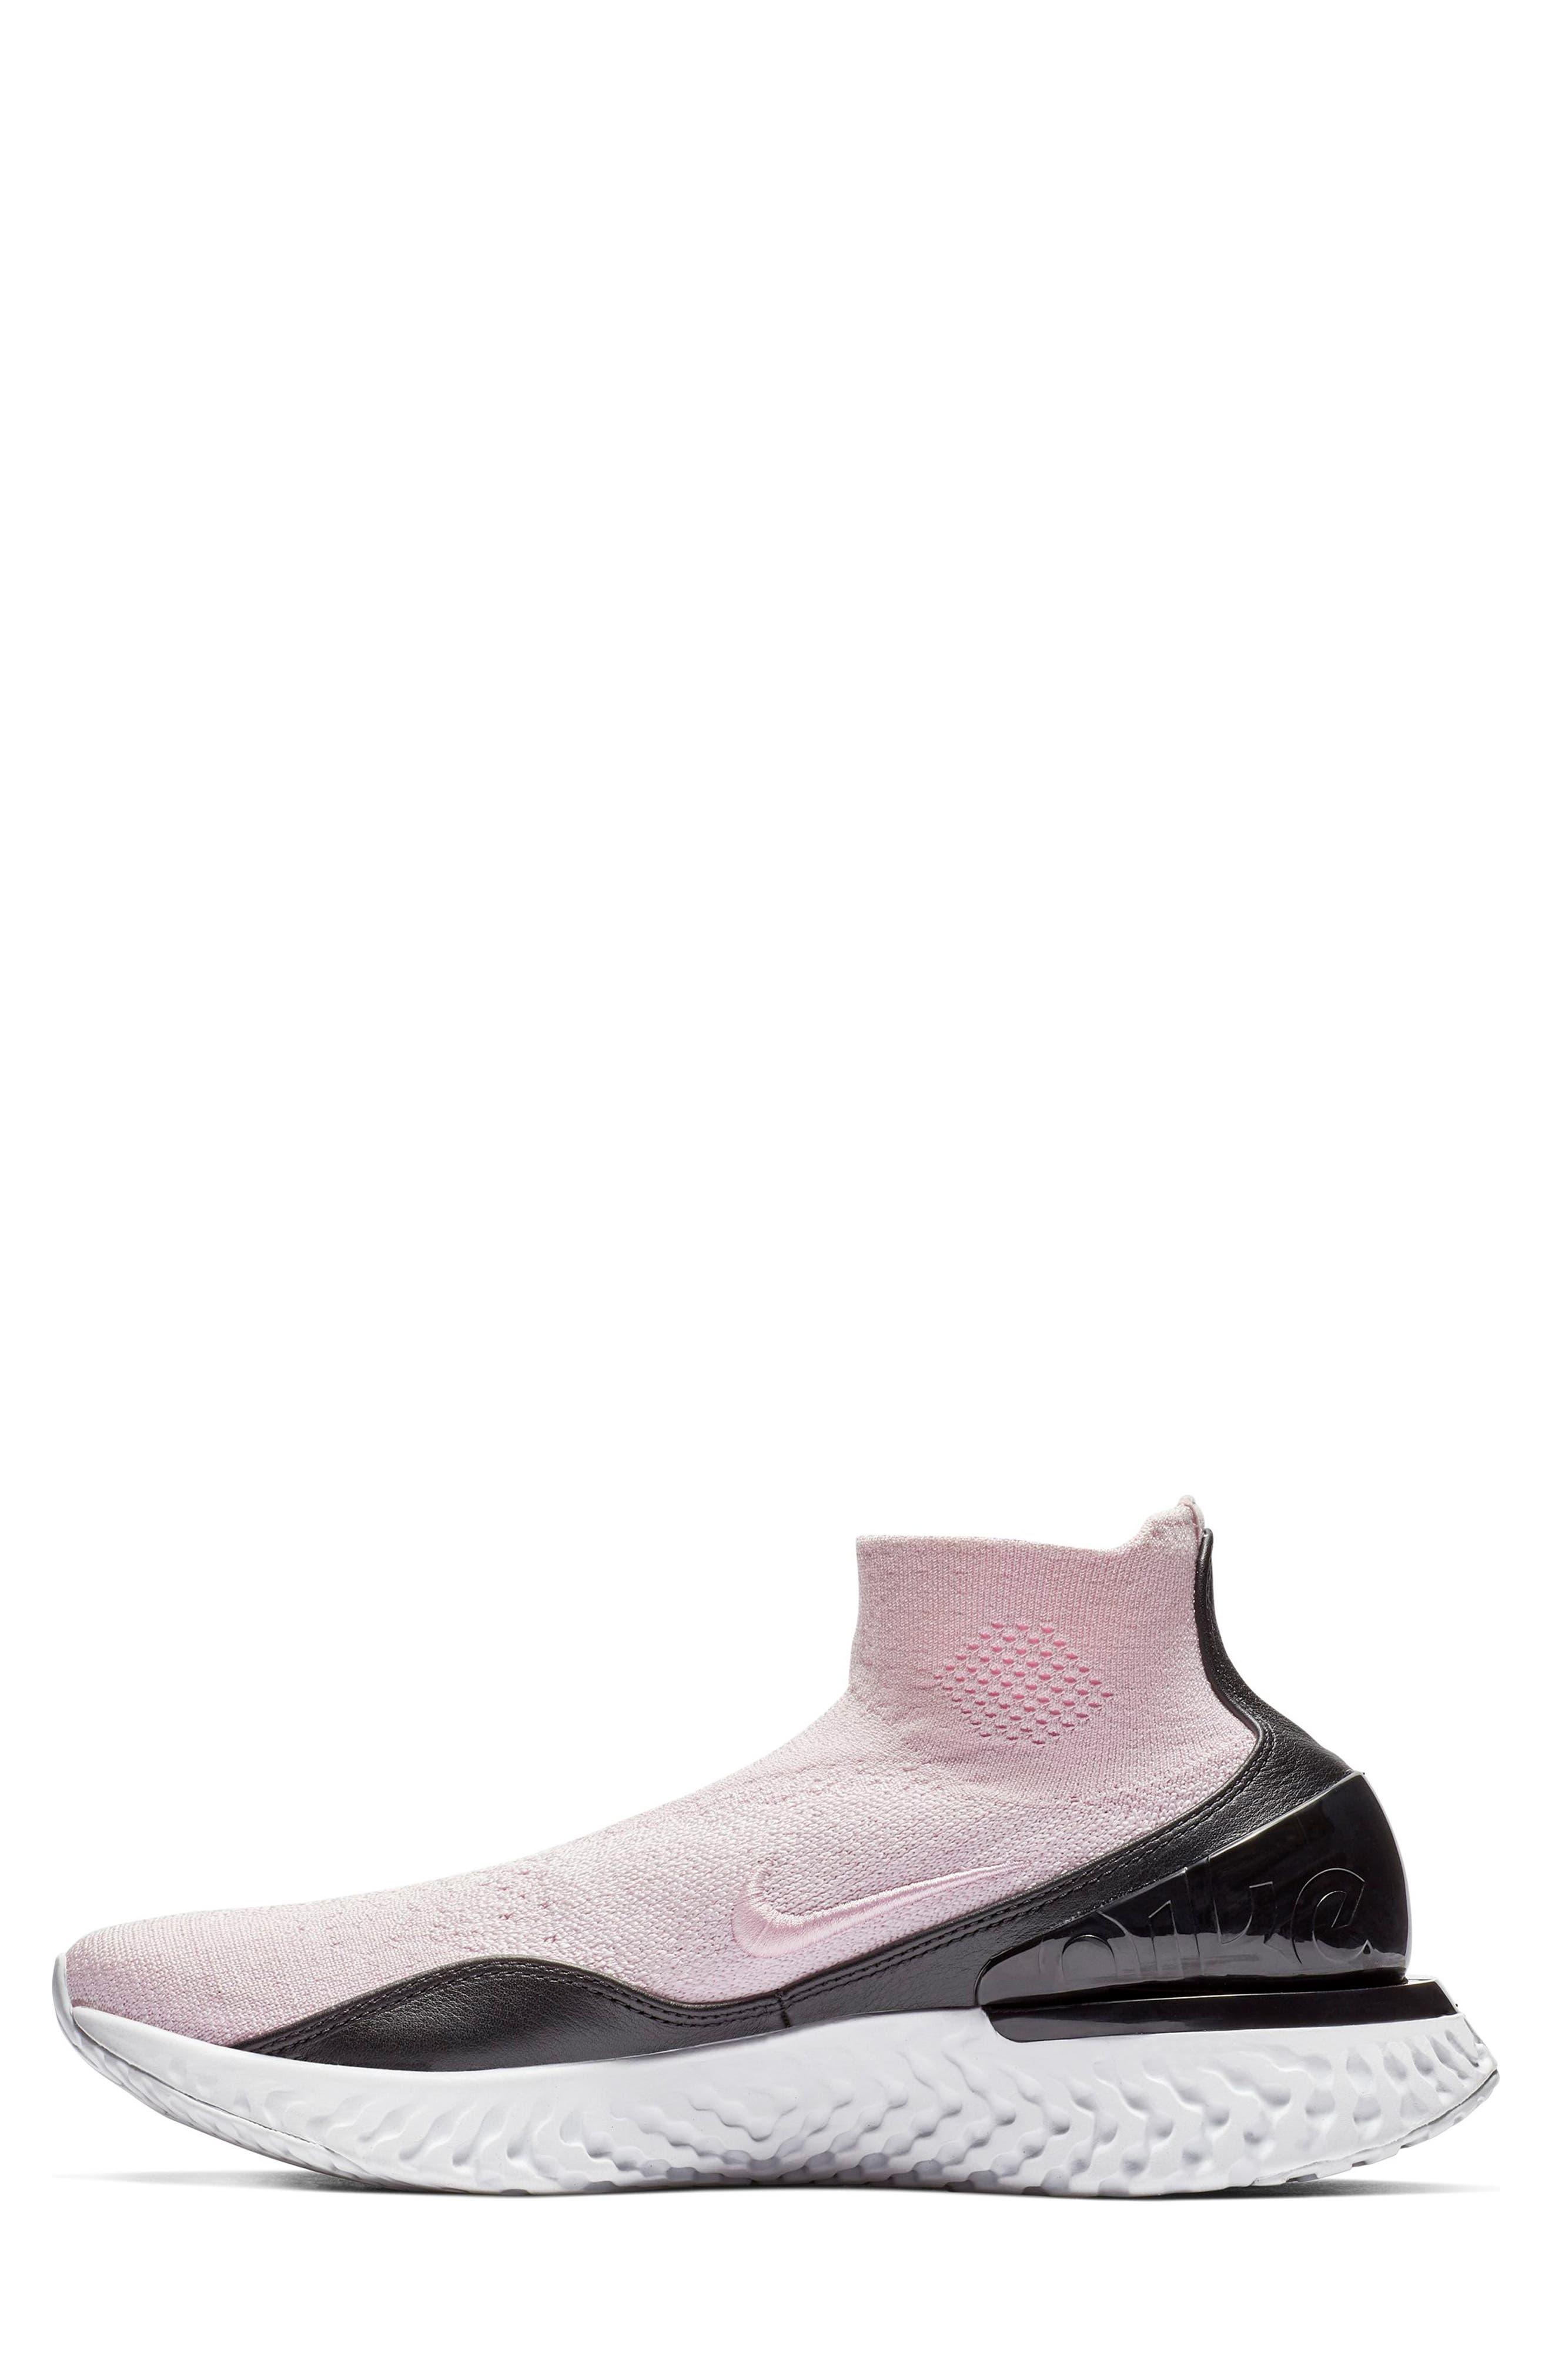 NIKE, Rise React FlyKnit Sneaker, Alternate thumbnail 3, color, PINK FOAM/ PINK FOAM/ BLACK